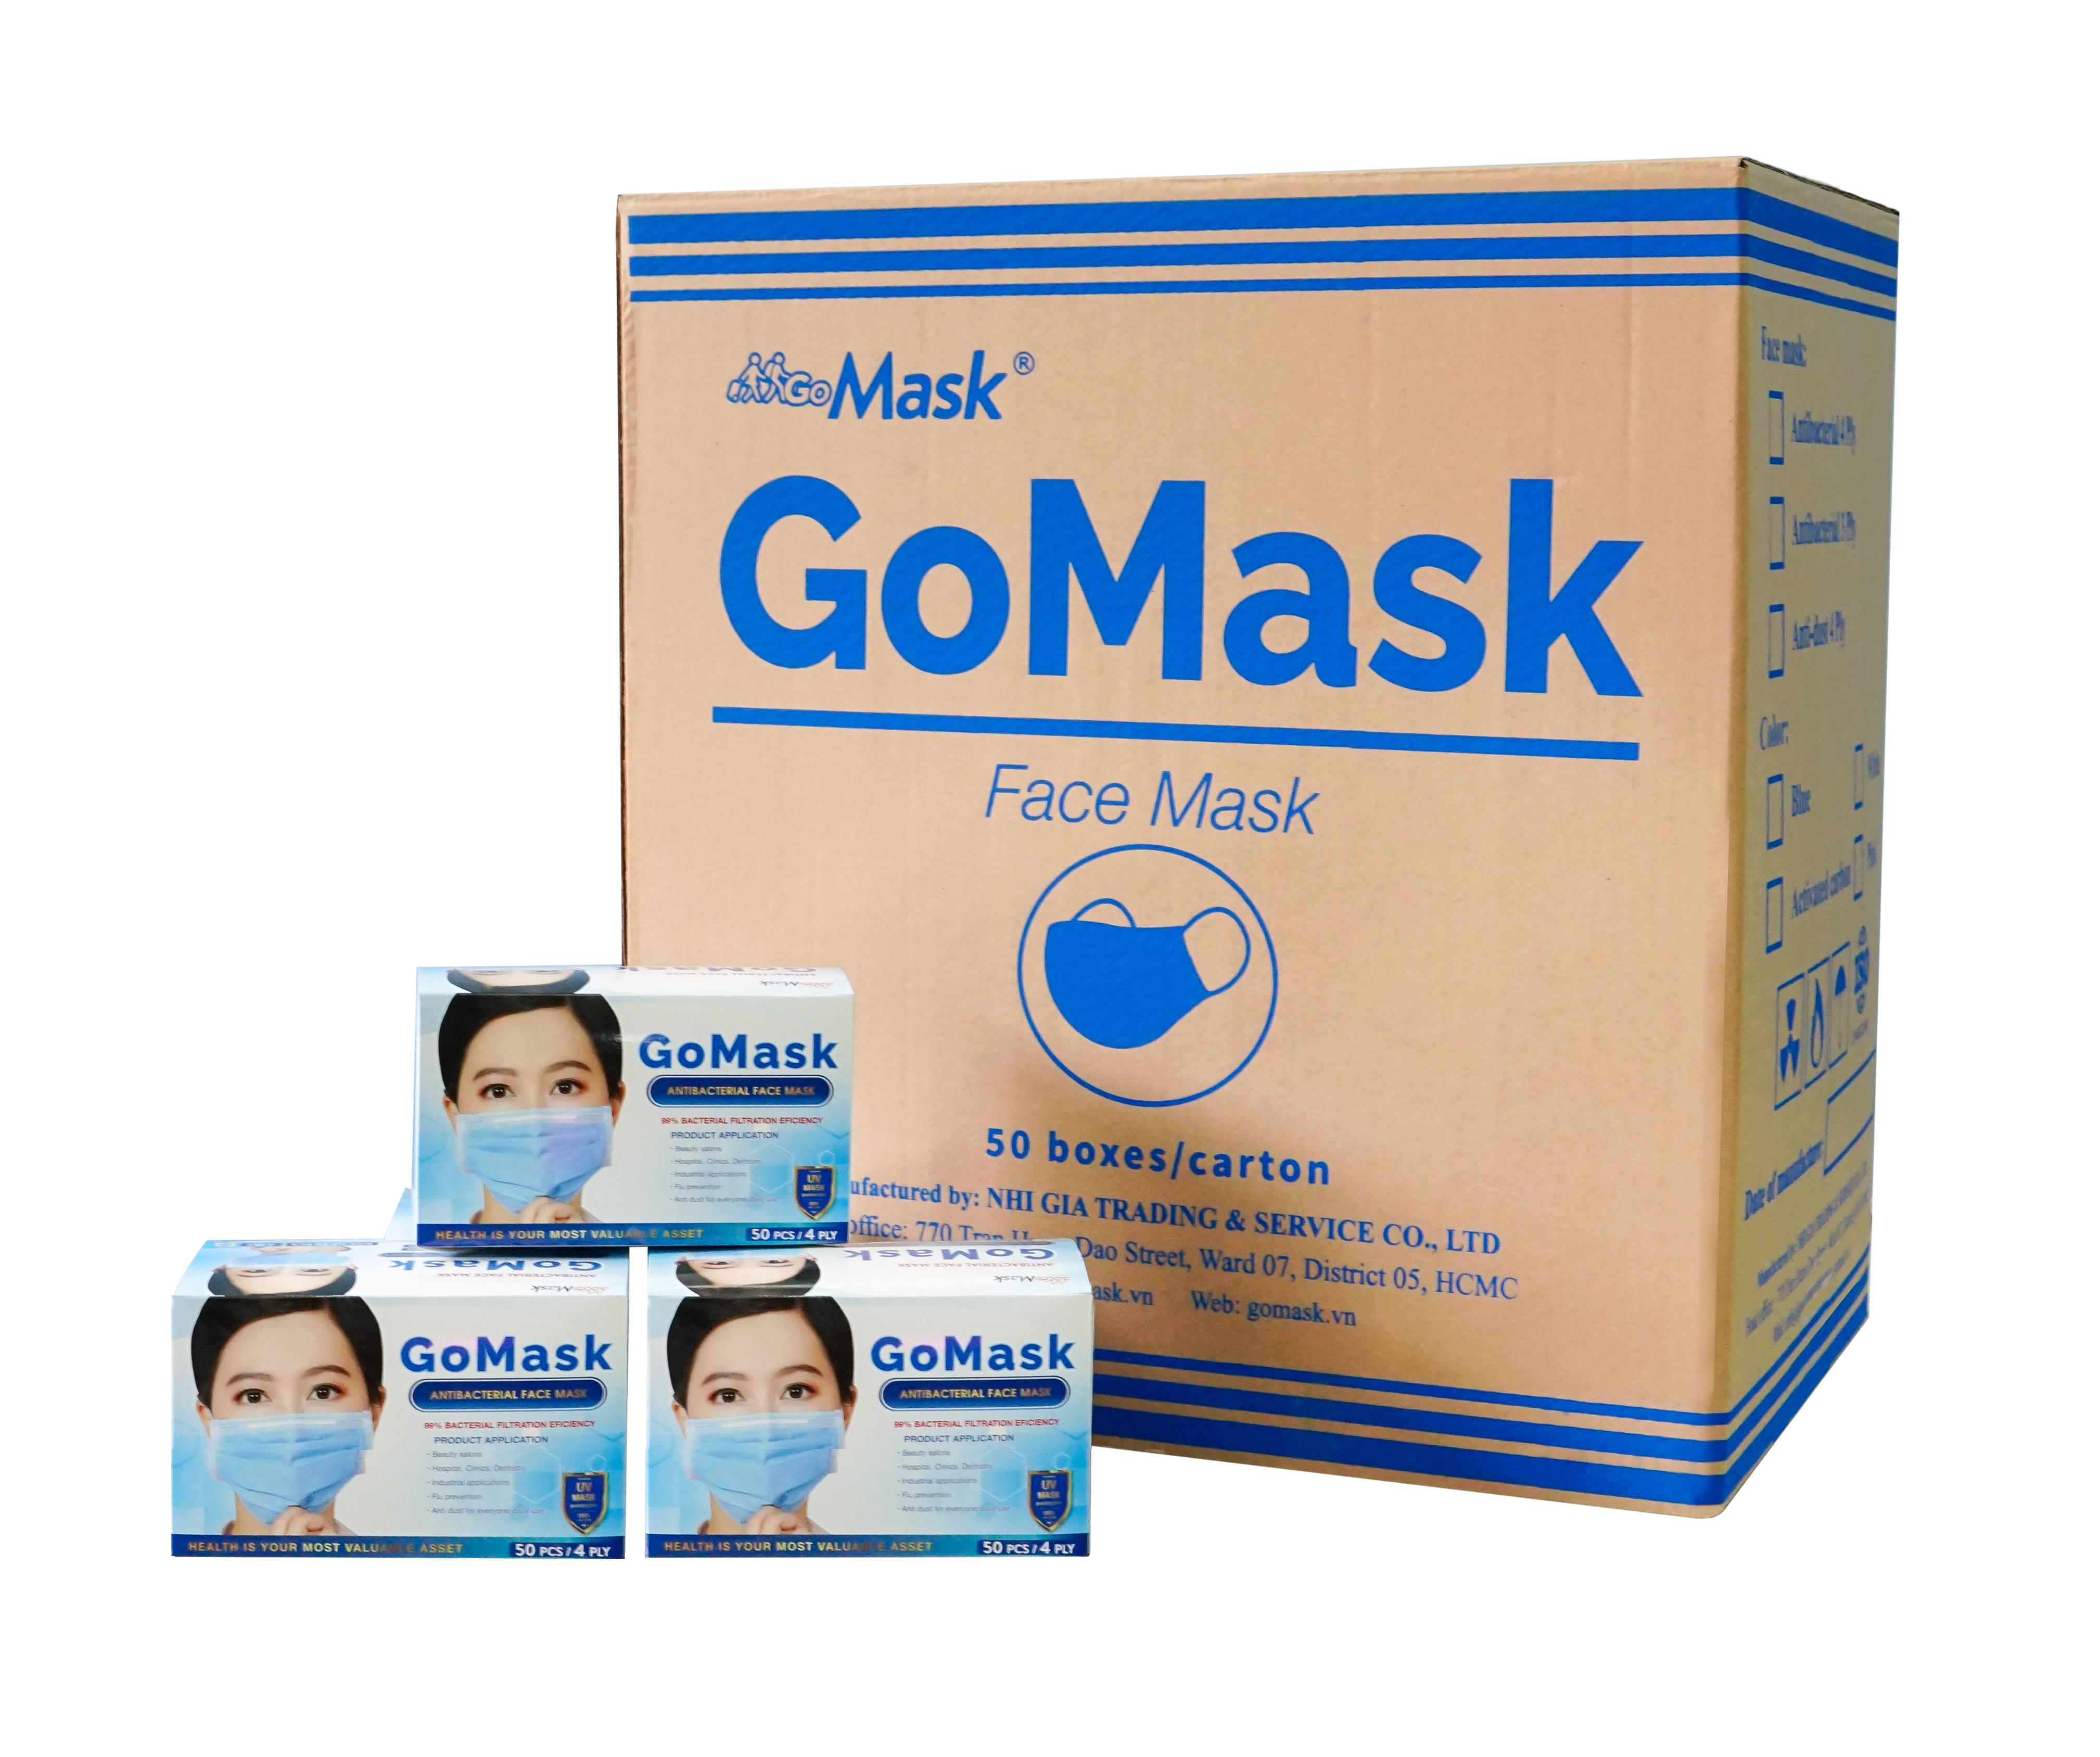 Khẩu trang 4 lớp kháng khuẩn Gomask dày dặn, ngăn ngừa vi khuẩn và bụi bẩn gây hại cho sức khoẻ. Size người lớn (50 cái/hộp)